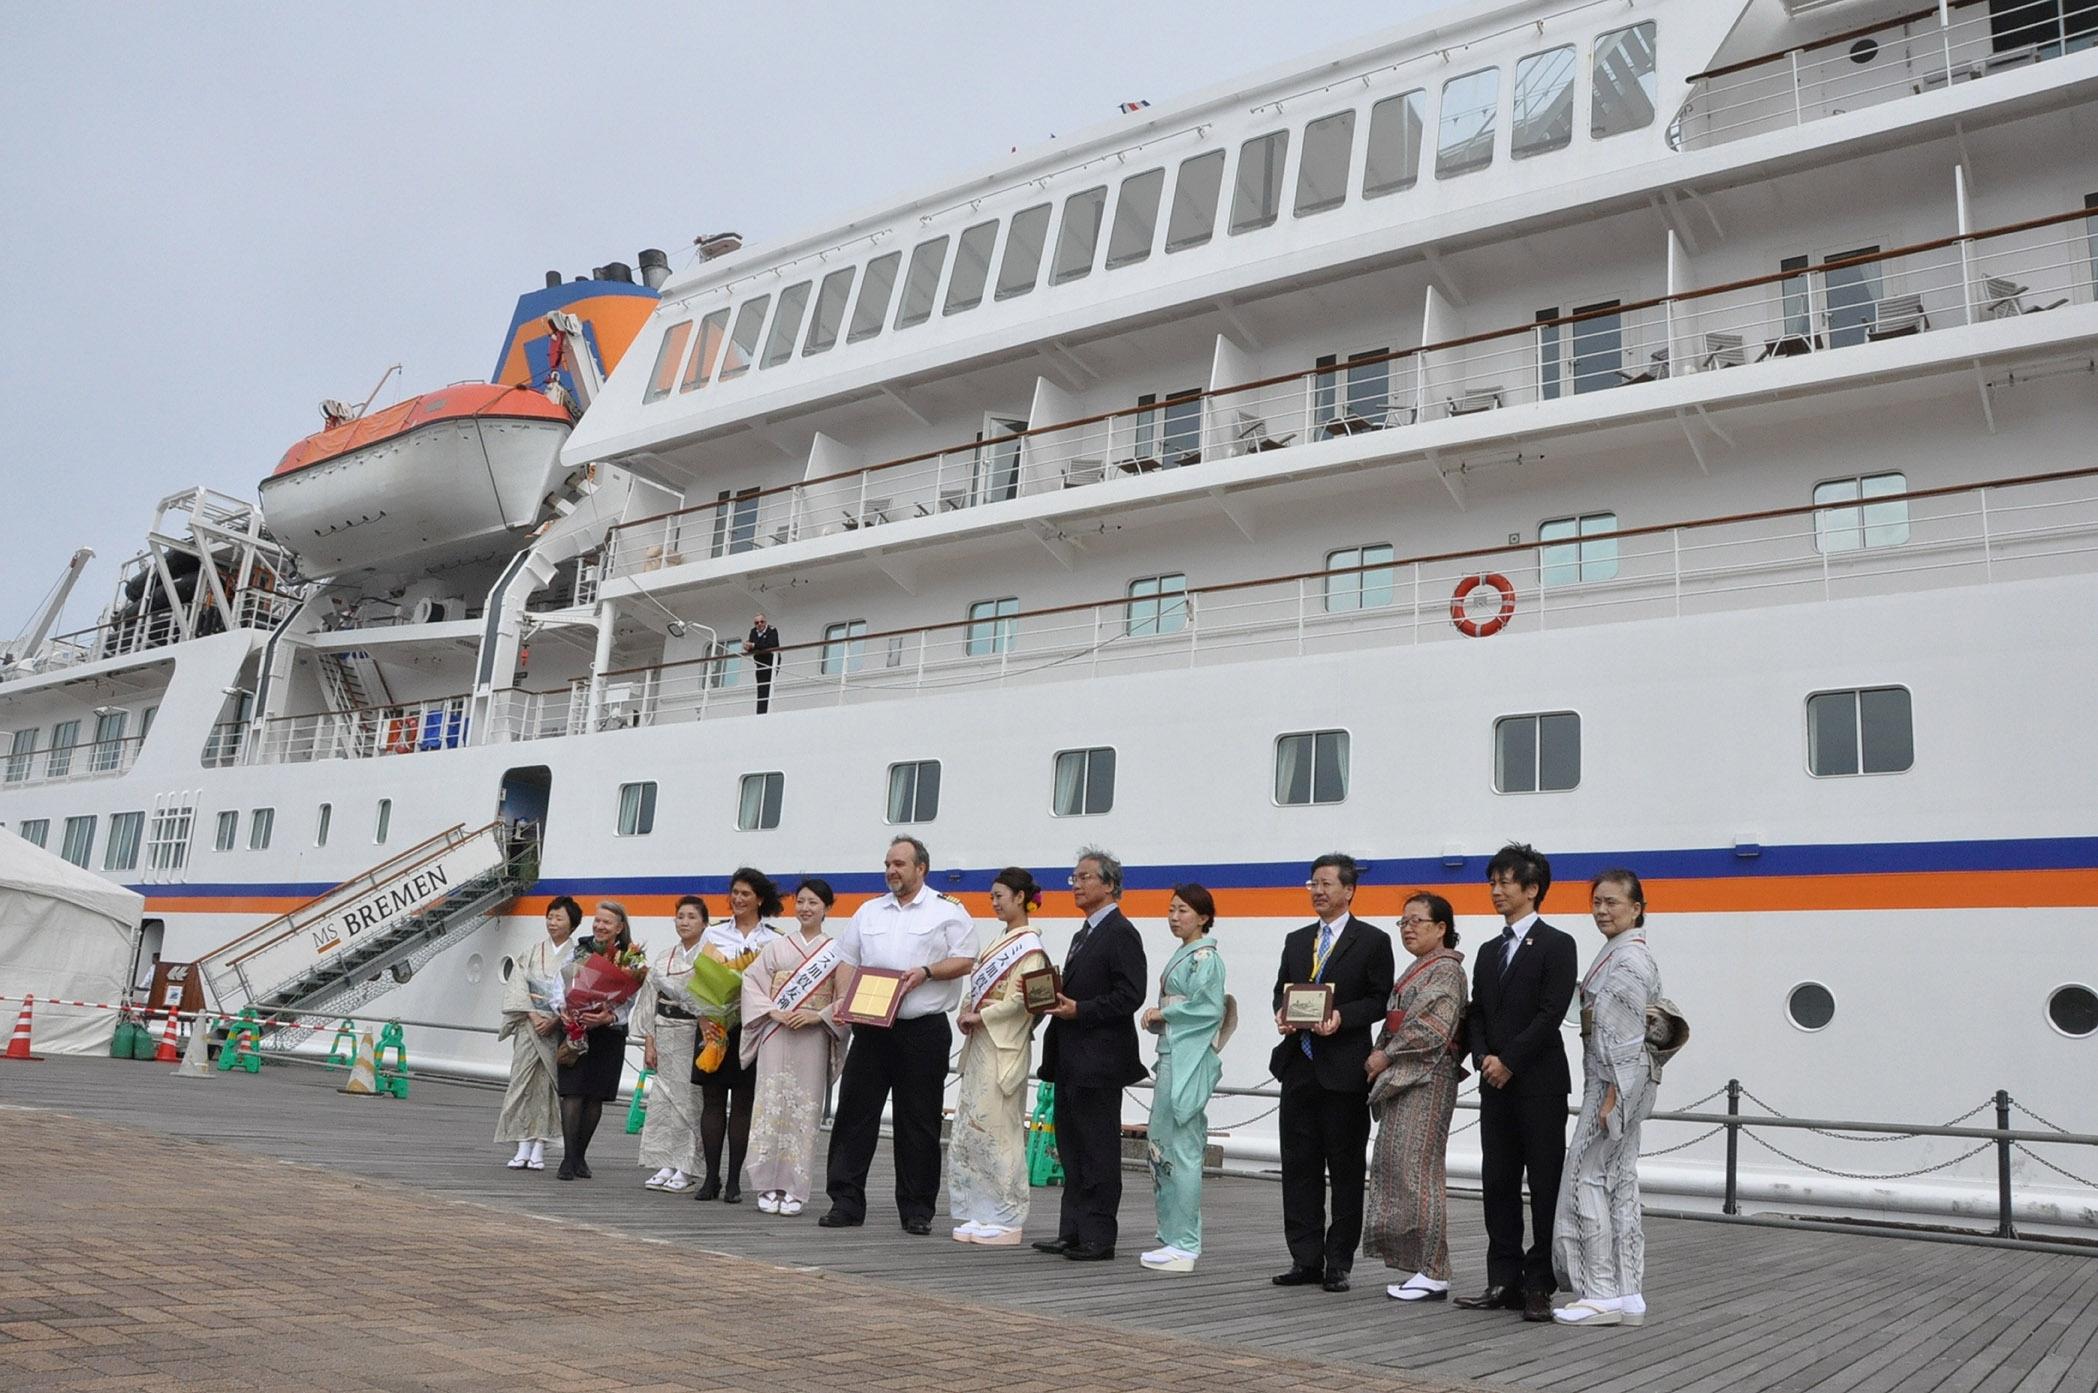 初めて寄港した高級船「ブレーメン」=30日午前10時20分、金沢港無量寺埠頭